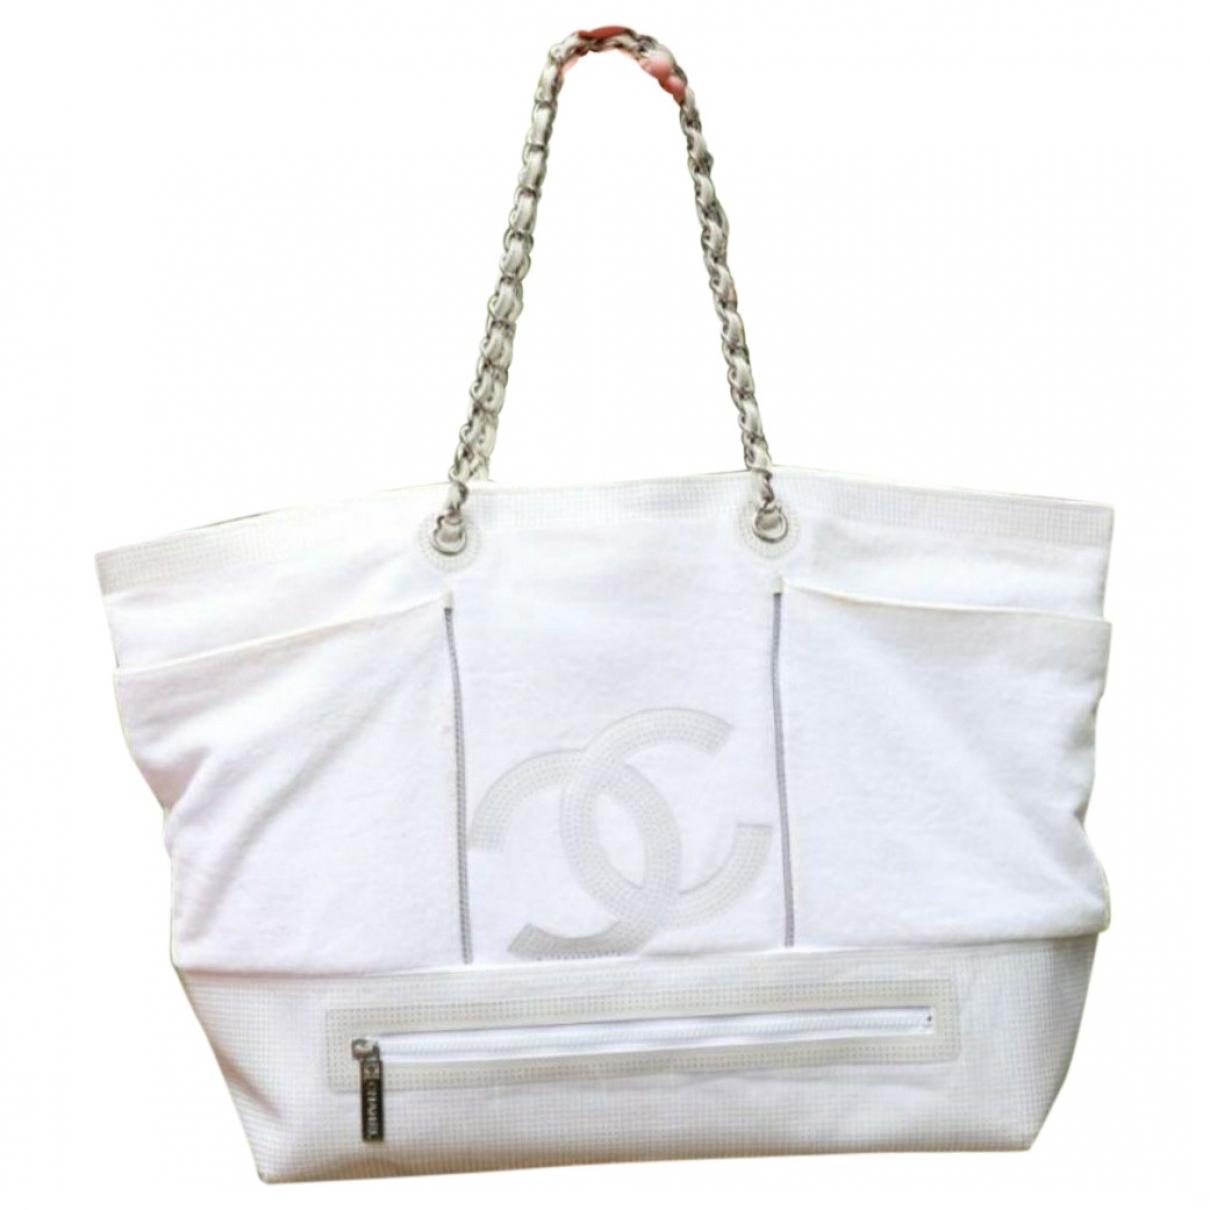 Chanel \N White Cotton handbag for Women \N